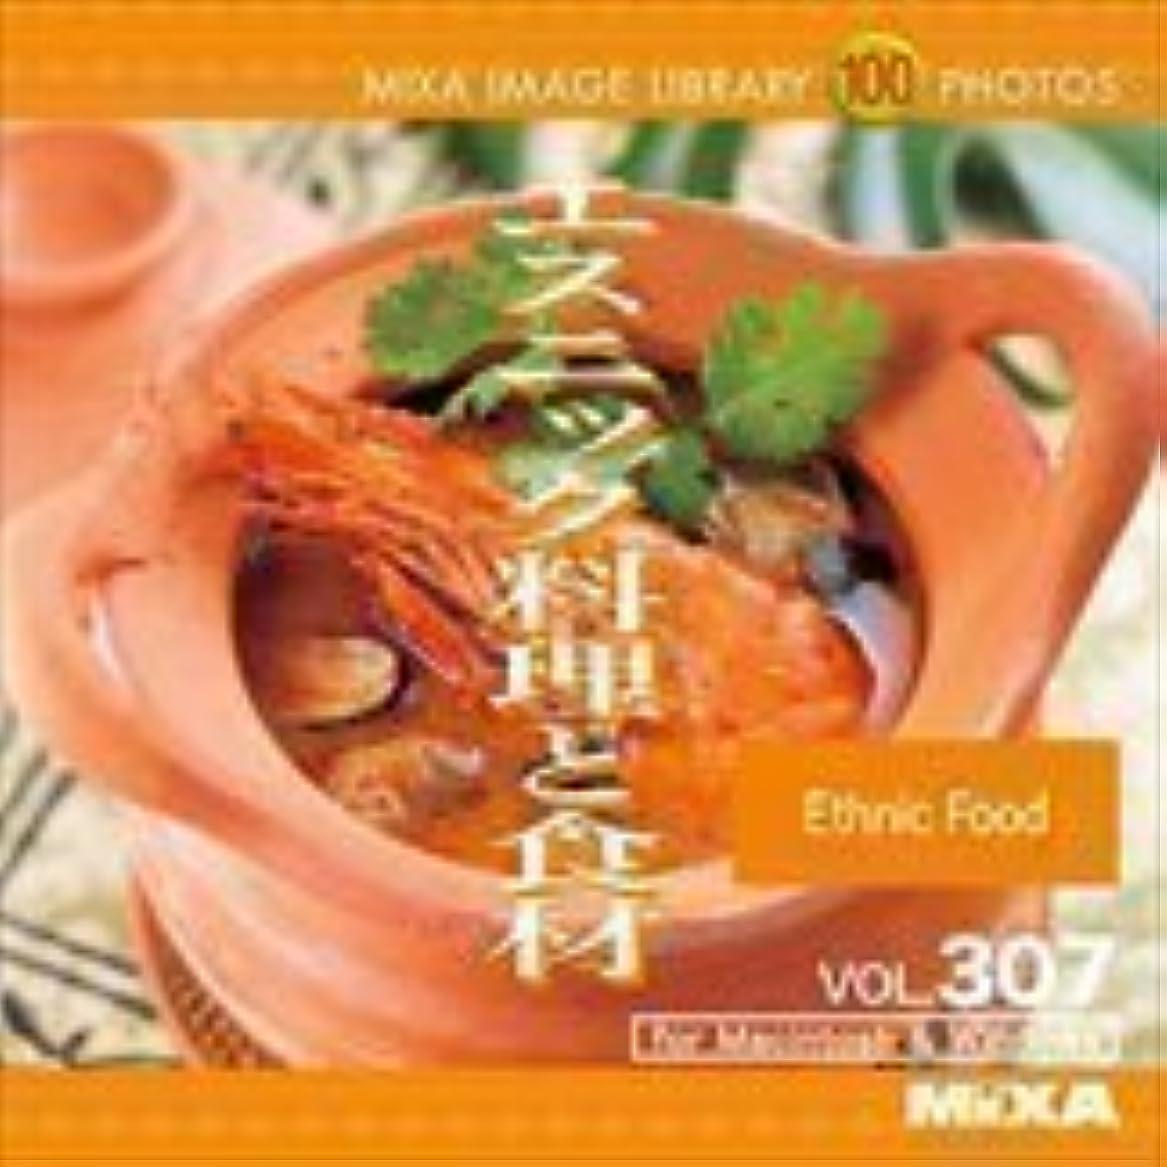 モード動物園大西洋MIXA IMAGE LIBRARY Vol.307 エスニック料理と食材